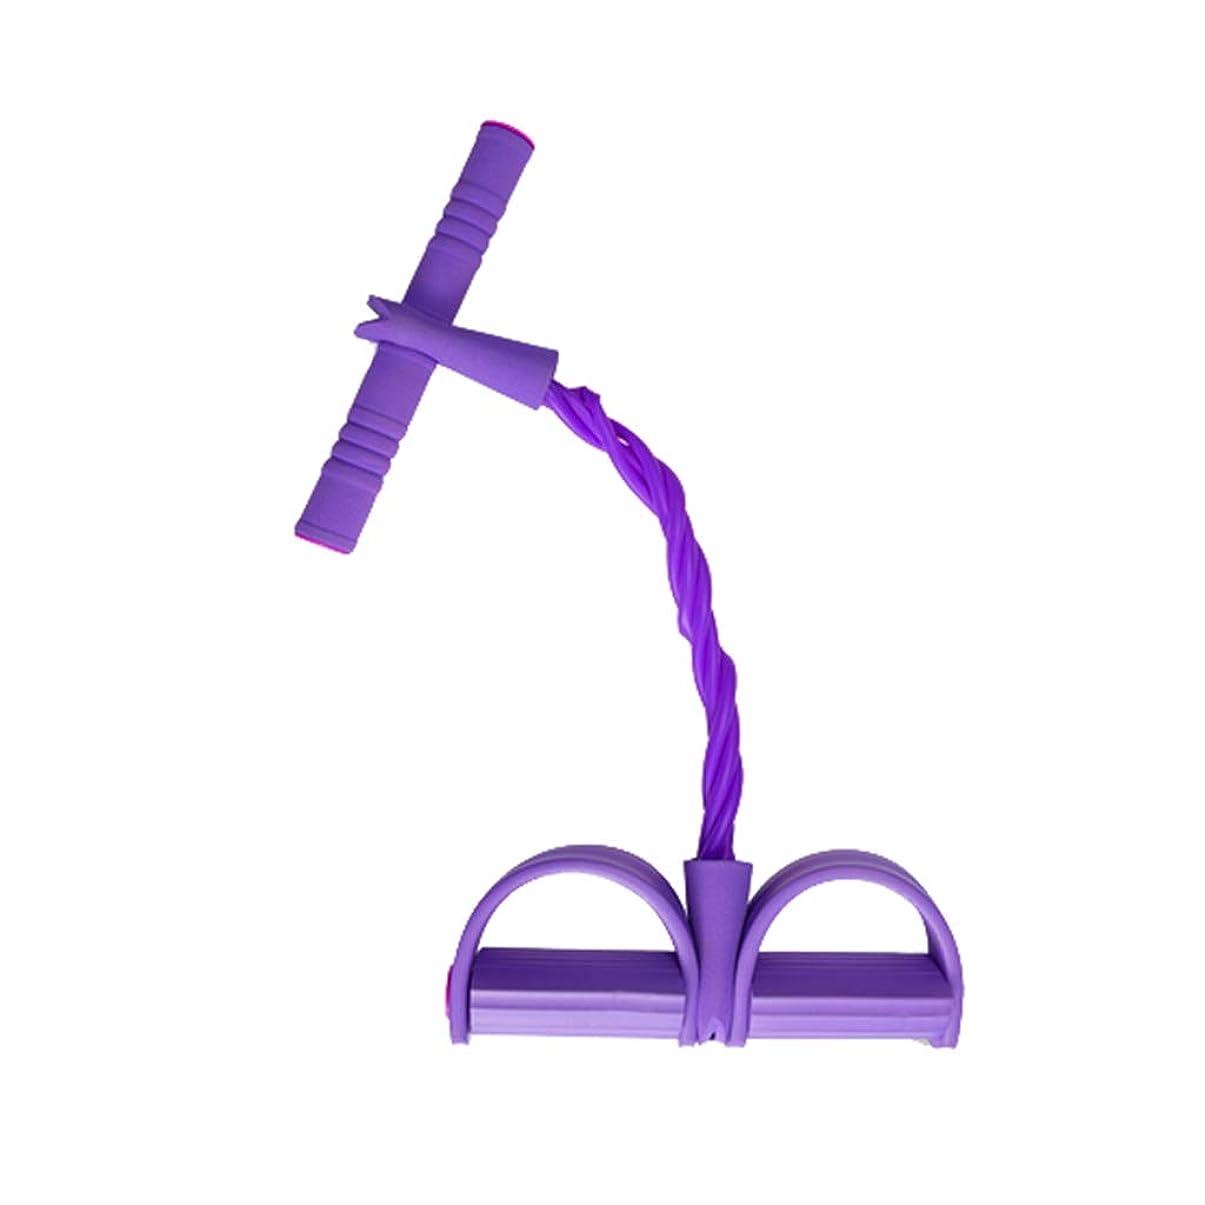 衝動崖アパートシットアップフィットネス機器ホームスポーツ足首ラリー女性補助薄いウエスト弾性ロープテンションベルト (色 : Purple)